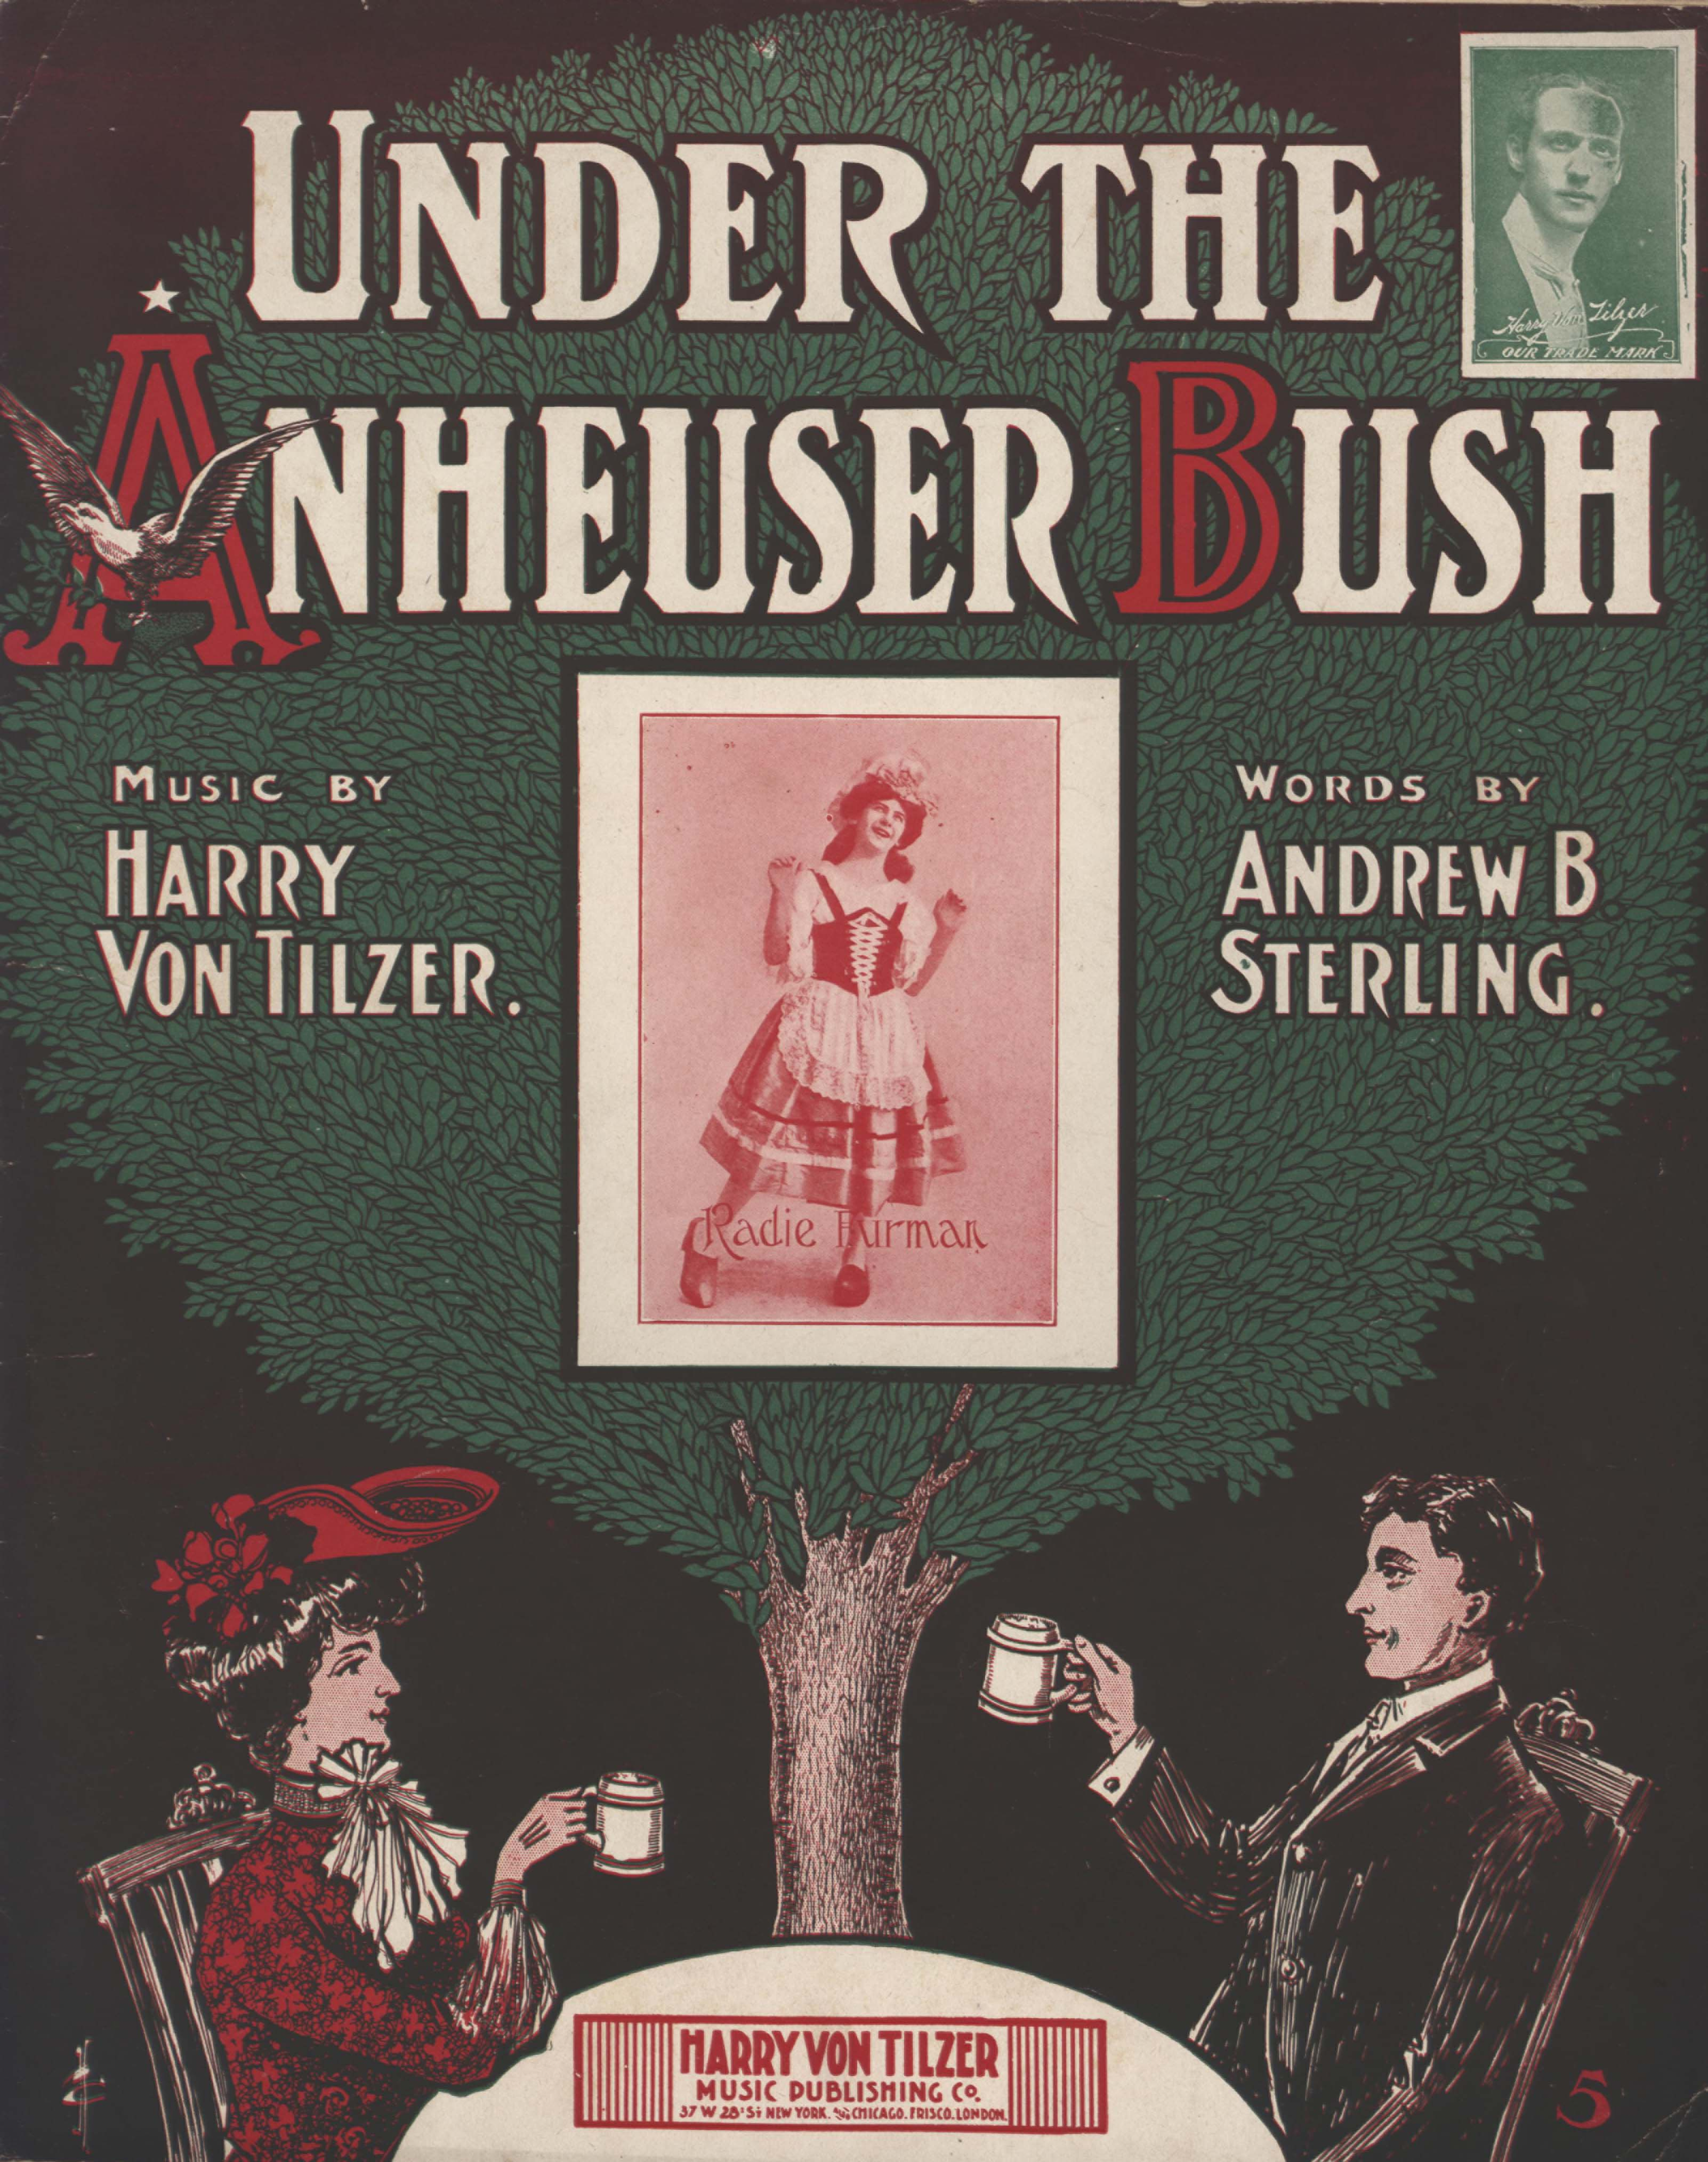 """Von Tilzer, Harry. """"Under the Anheuser Bush"""". Lyricist Andrew B. Sterling. Illus. H. Carter. New York: Harry Von Tilzer Music Pub. Co. 1903. (HW-02767)"""